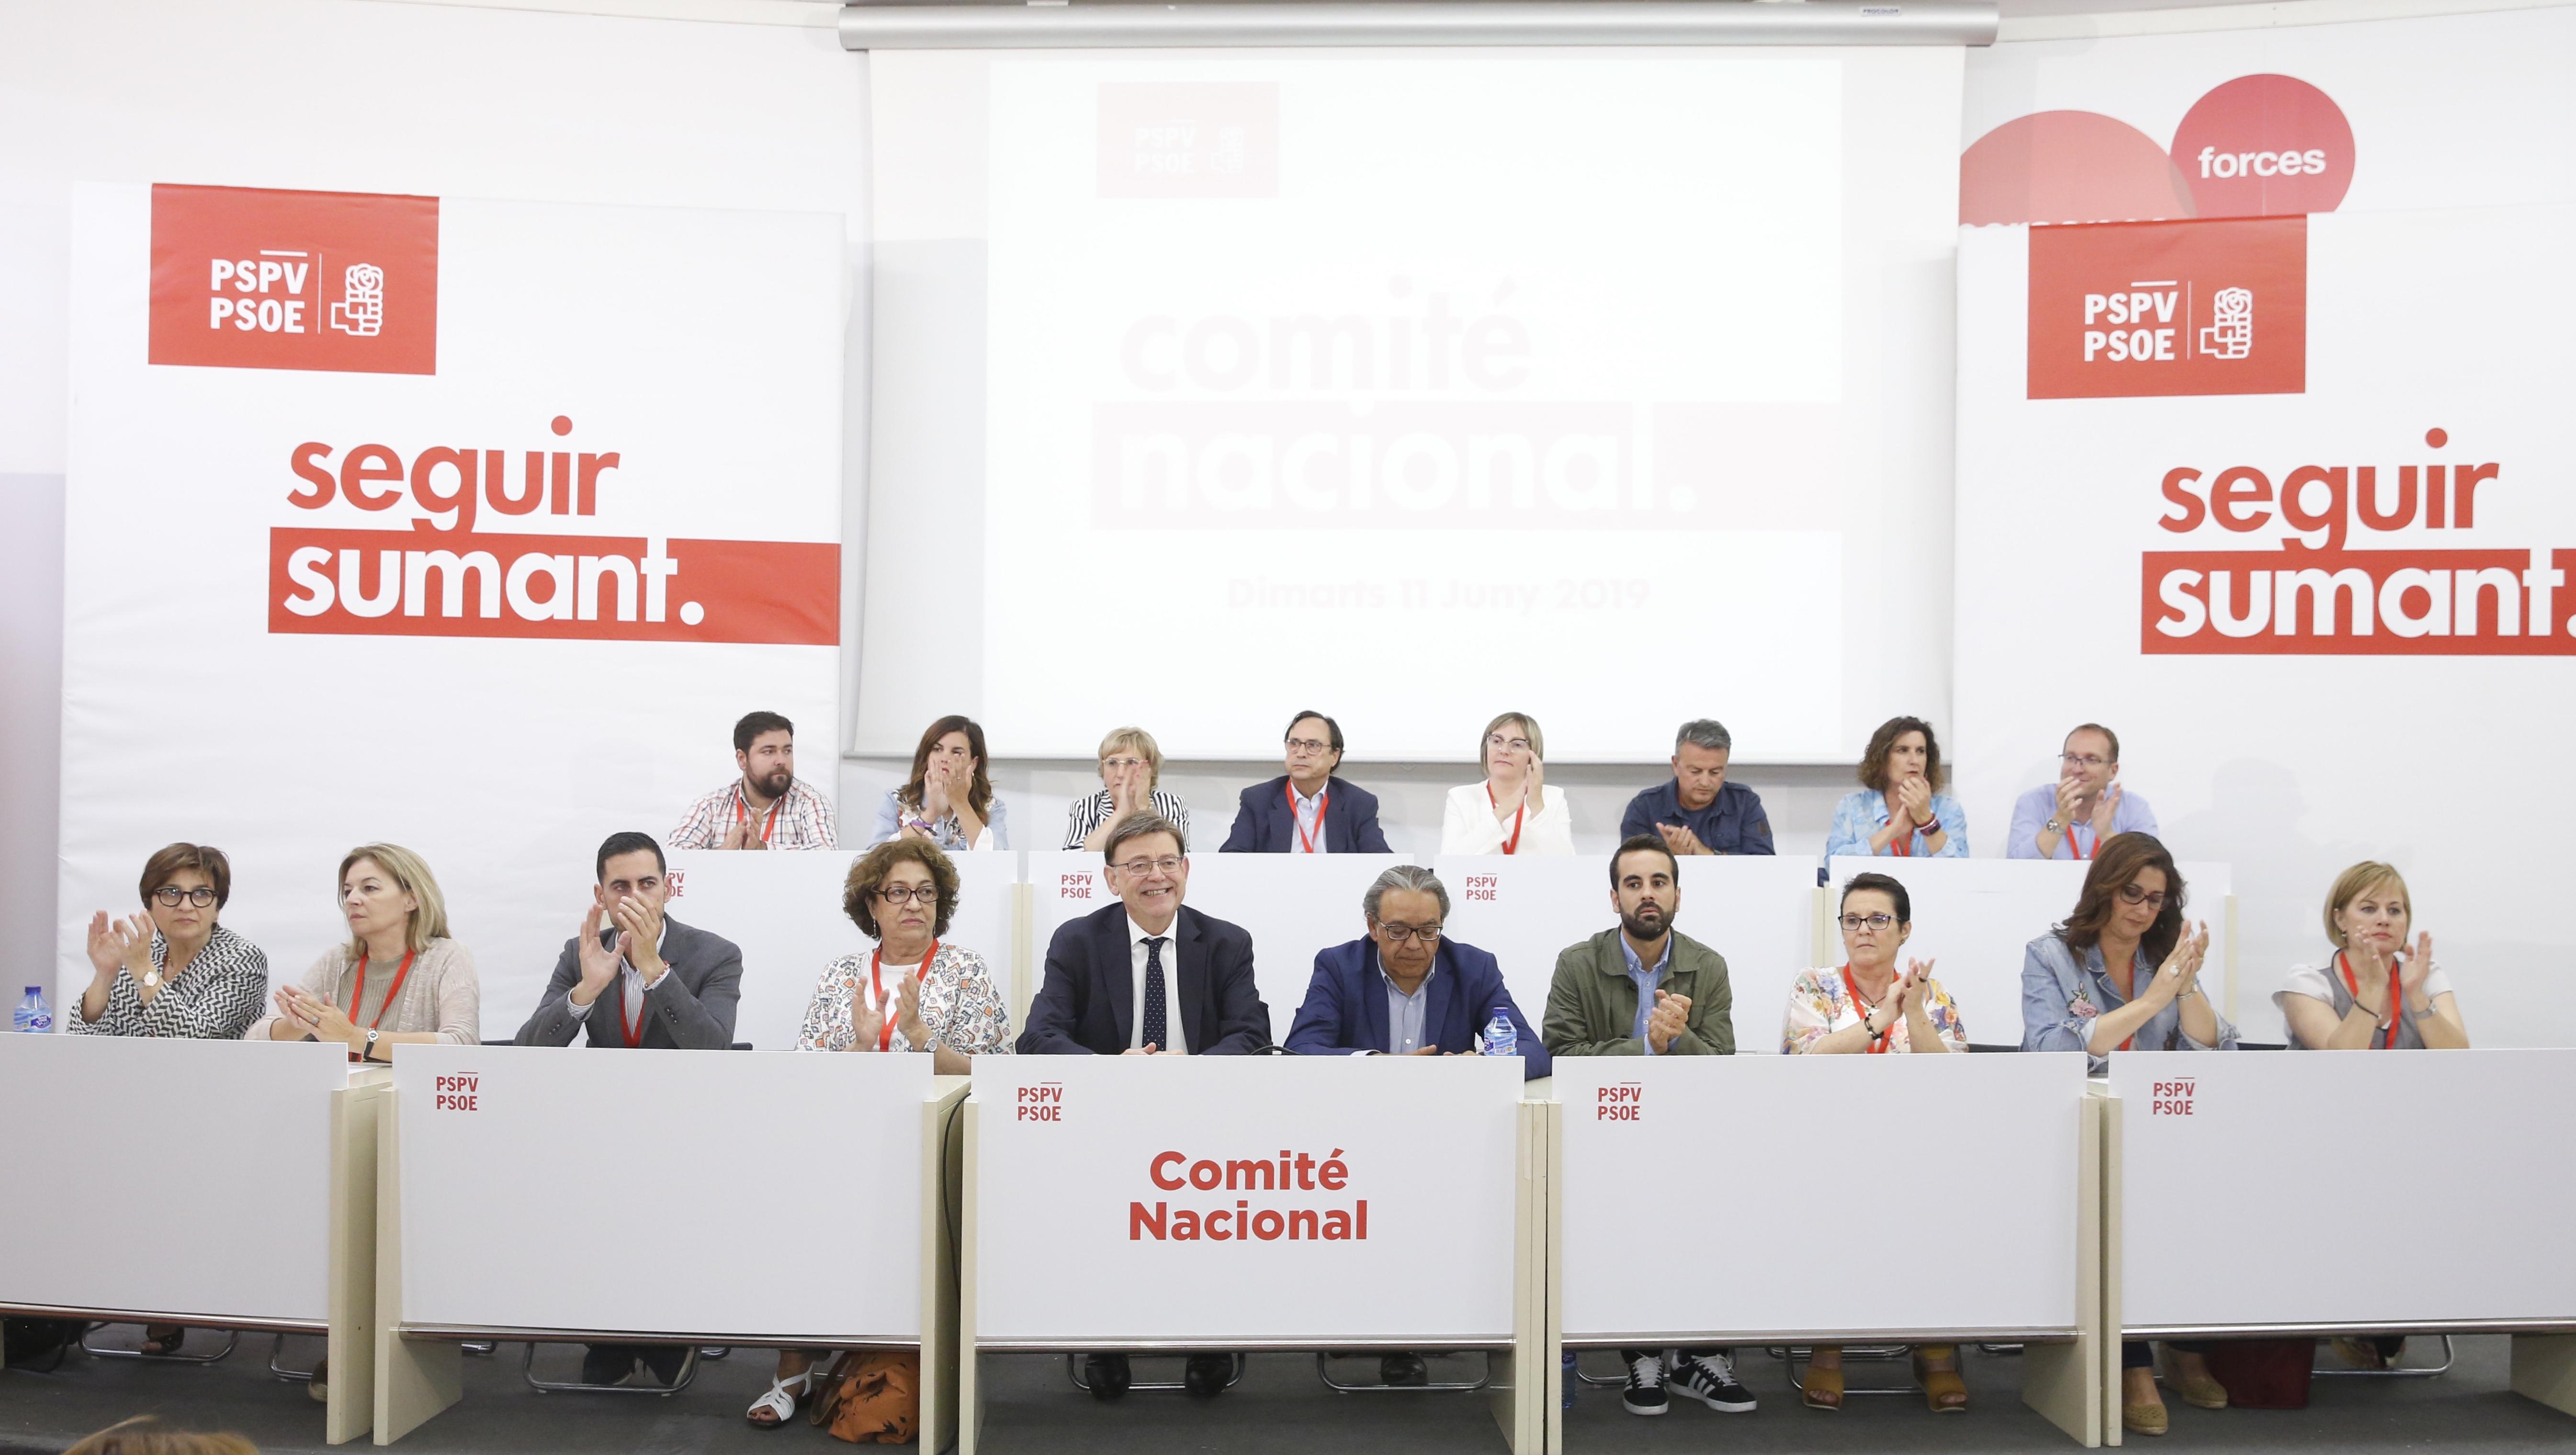 """Ximo Puig: """"La sociedad valenciana tiene una posición claraa favor de un Gobierno de progreso y debemos esforzarnos para que sea posible"""""""